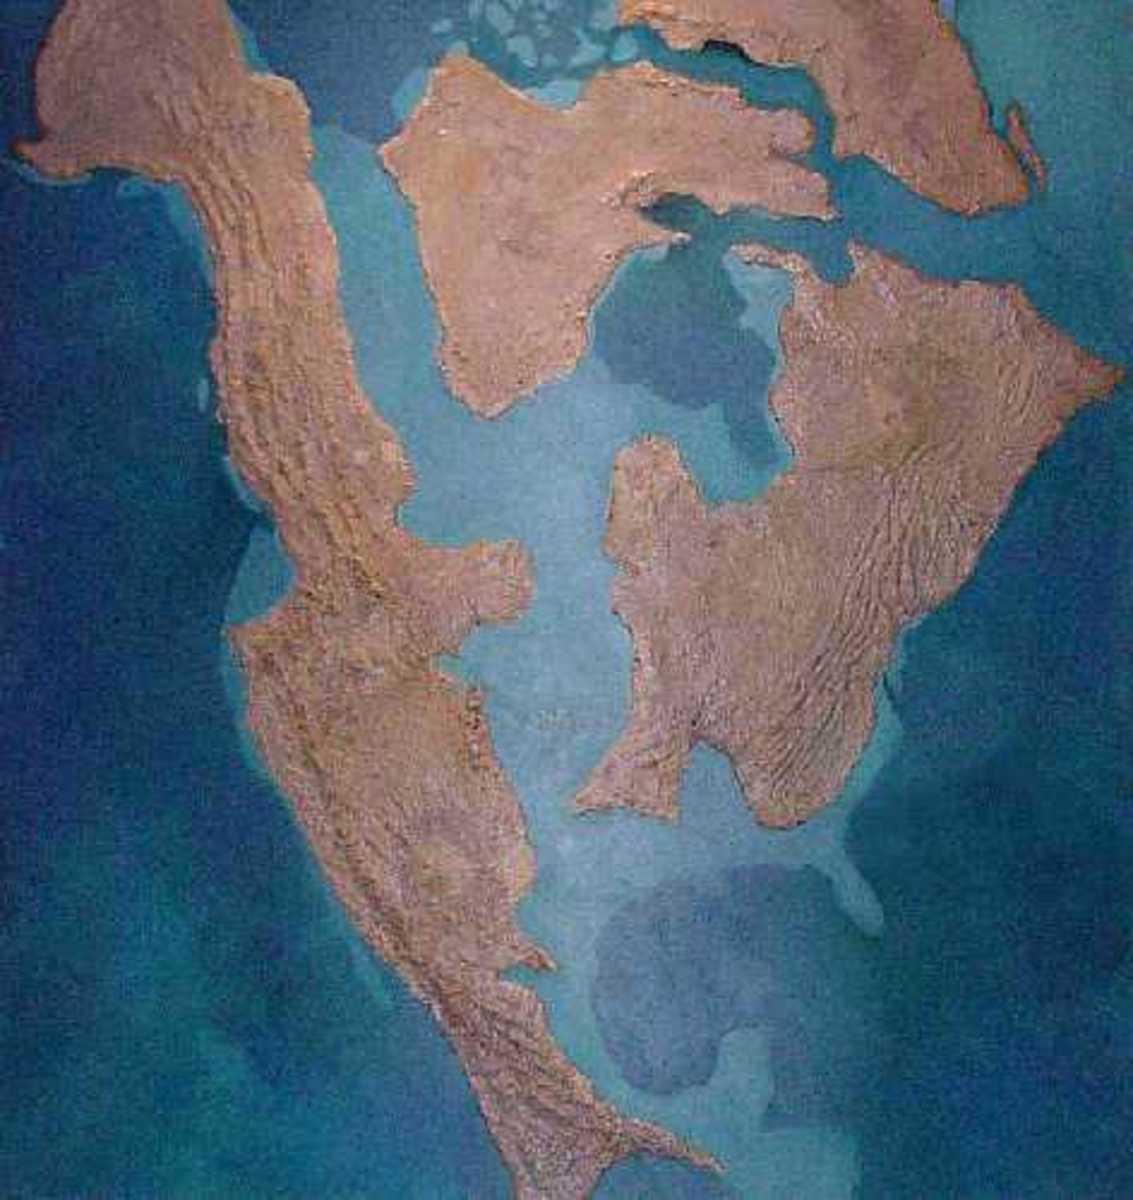 North America's Inland Sea